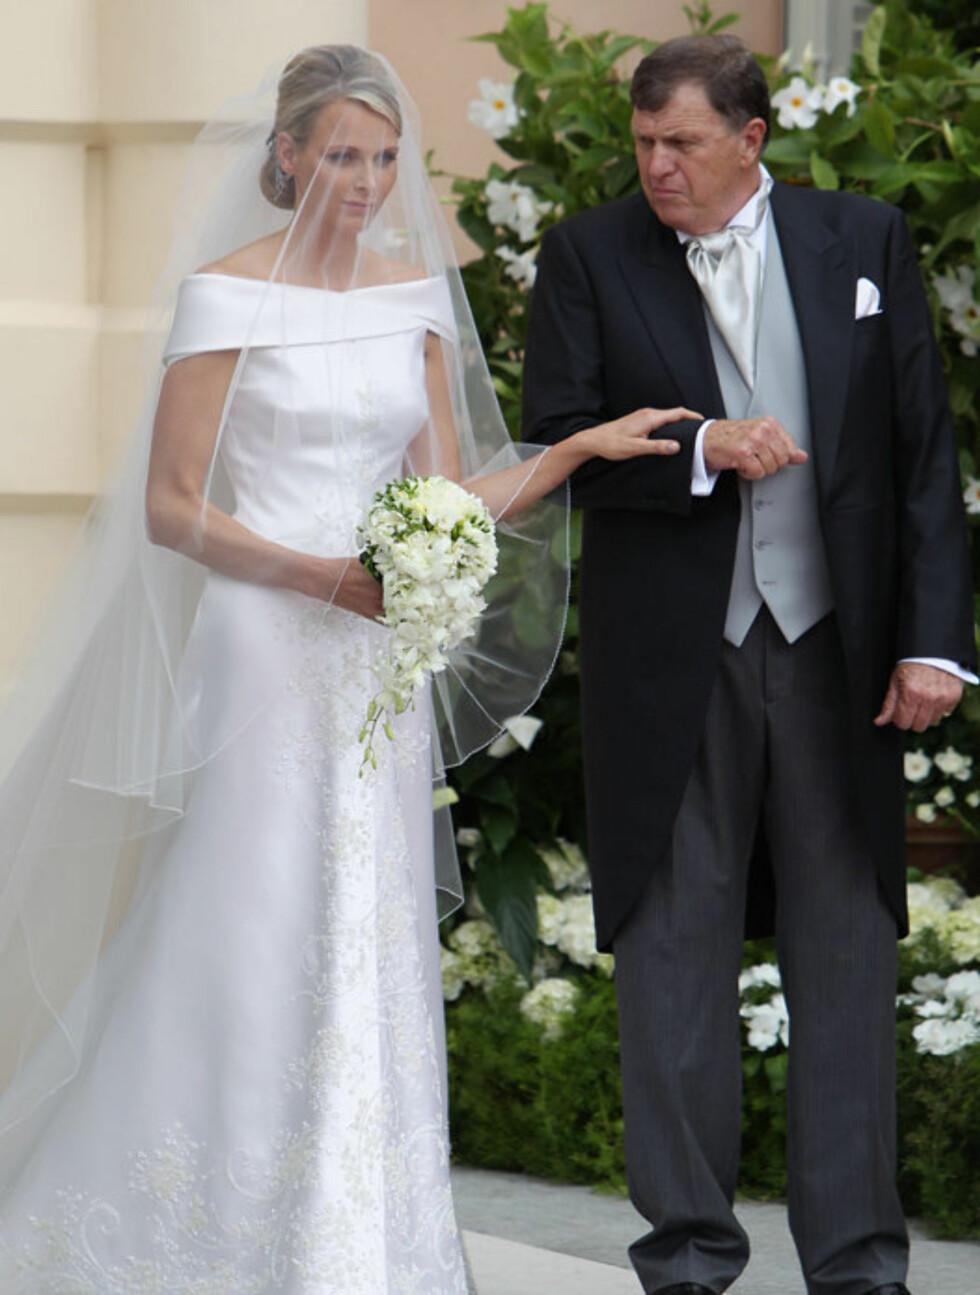 LUKSUSKJOLE: Charlene bar en vakker Giorgio Armani brudekjole i offwhite fra Armanis haute couture-linje Armani Privé. Brudekjolen tok 2500 timer å lage og bestod blant annet av 40 000 Swarovskikrystaller, 20 000 perler og 30 000 stener i gullnyanser. Foto: All Over Press